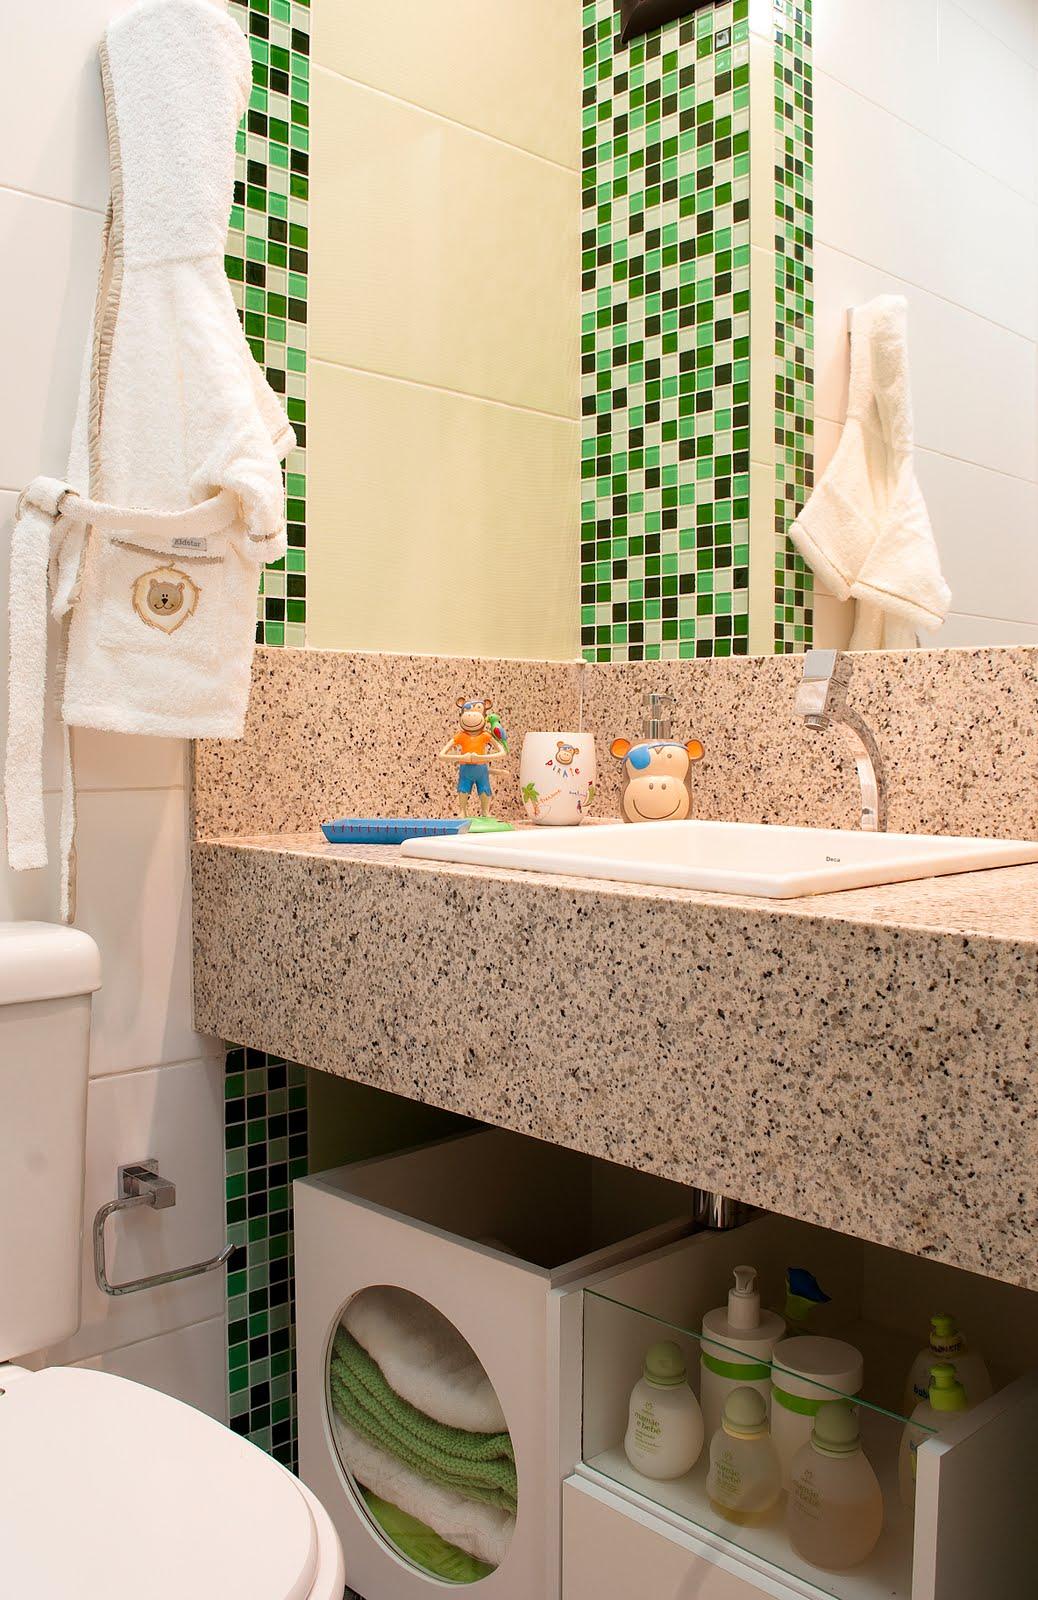 Planeje o seu banheiro! Giacomelli Blog Imobiliária em  #396C17 1038 1600